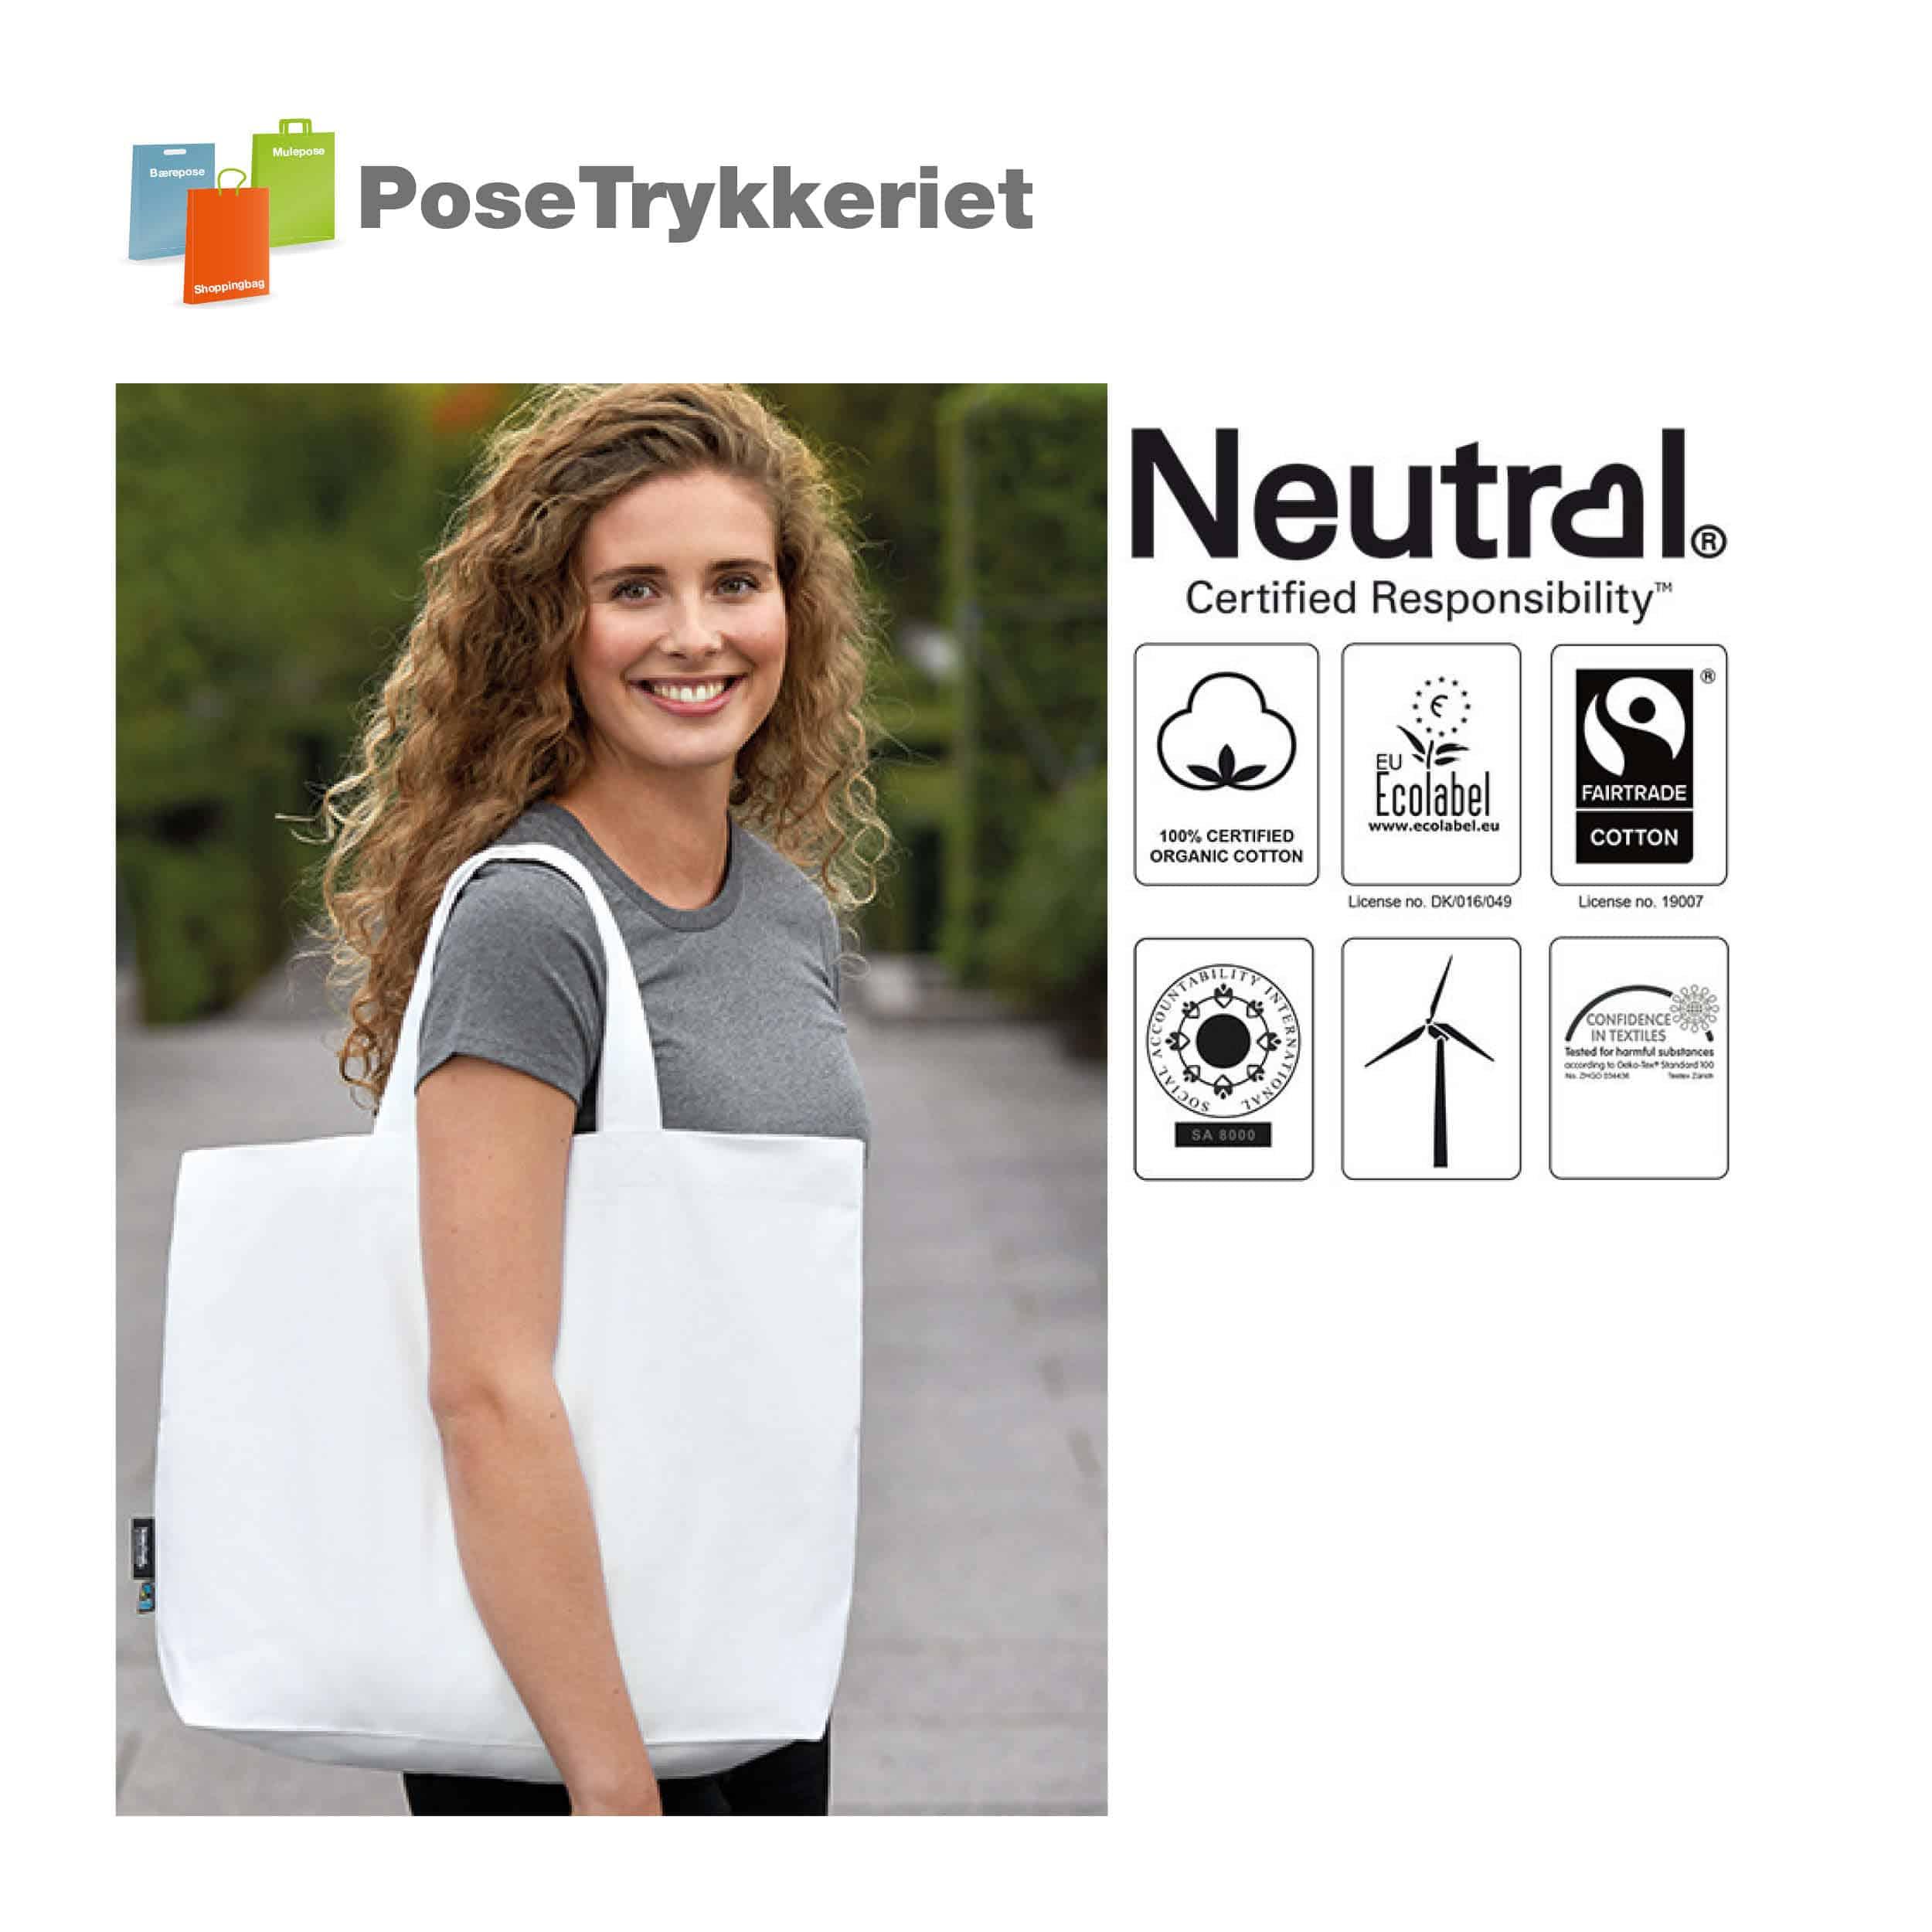 Lækker kraftigt indkøbsnet med tryk. Posetrykkeriet.dk